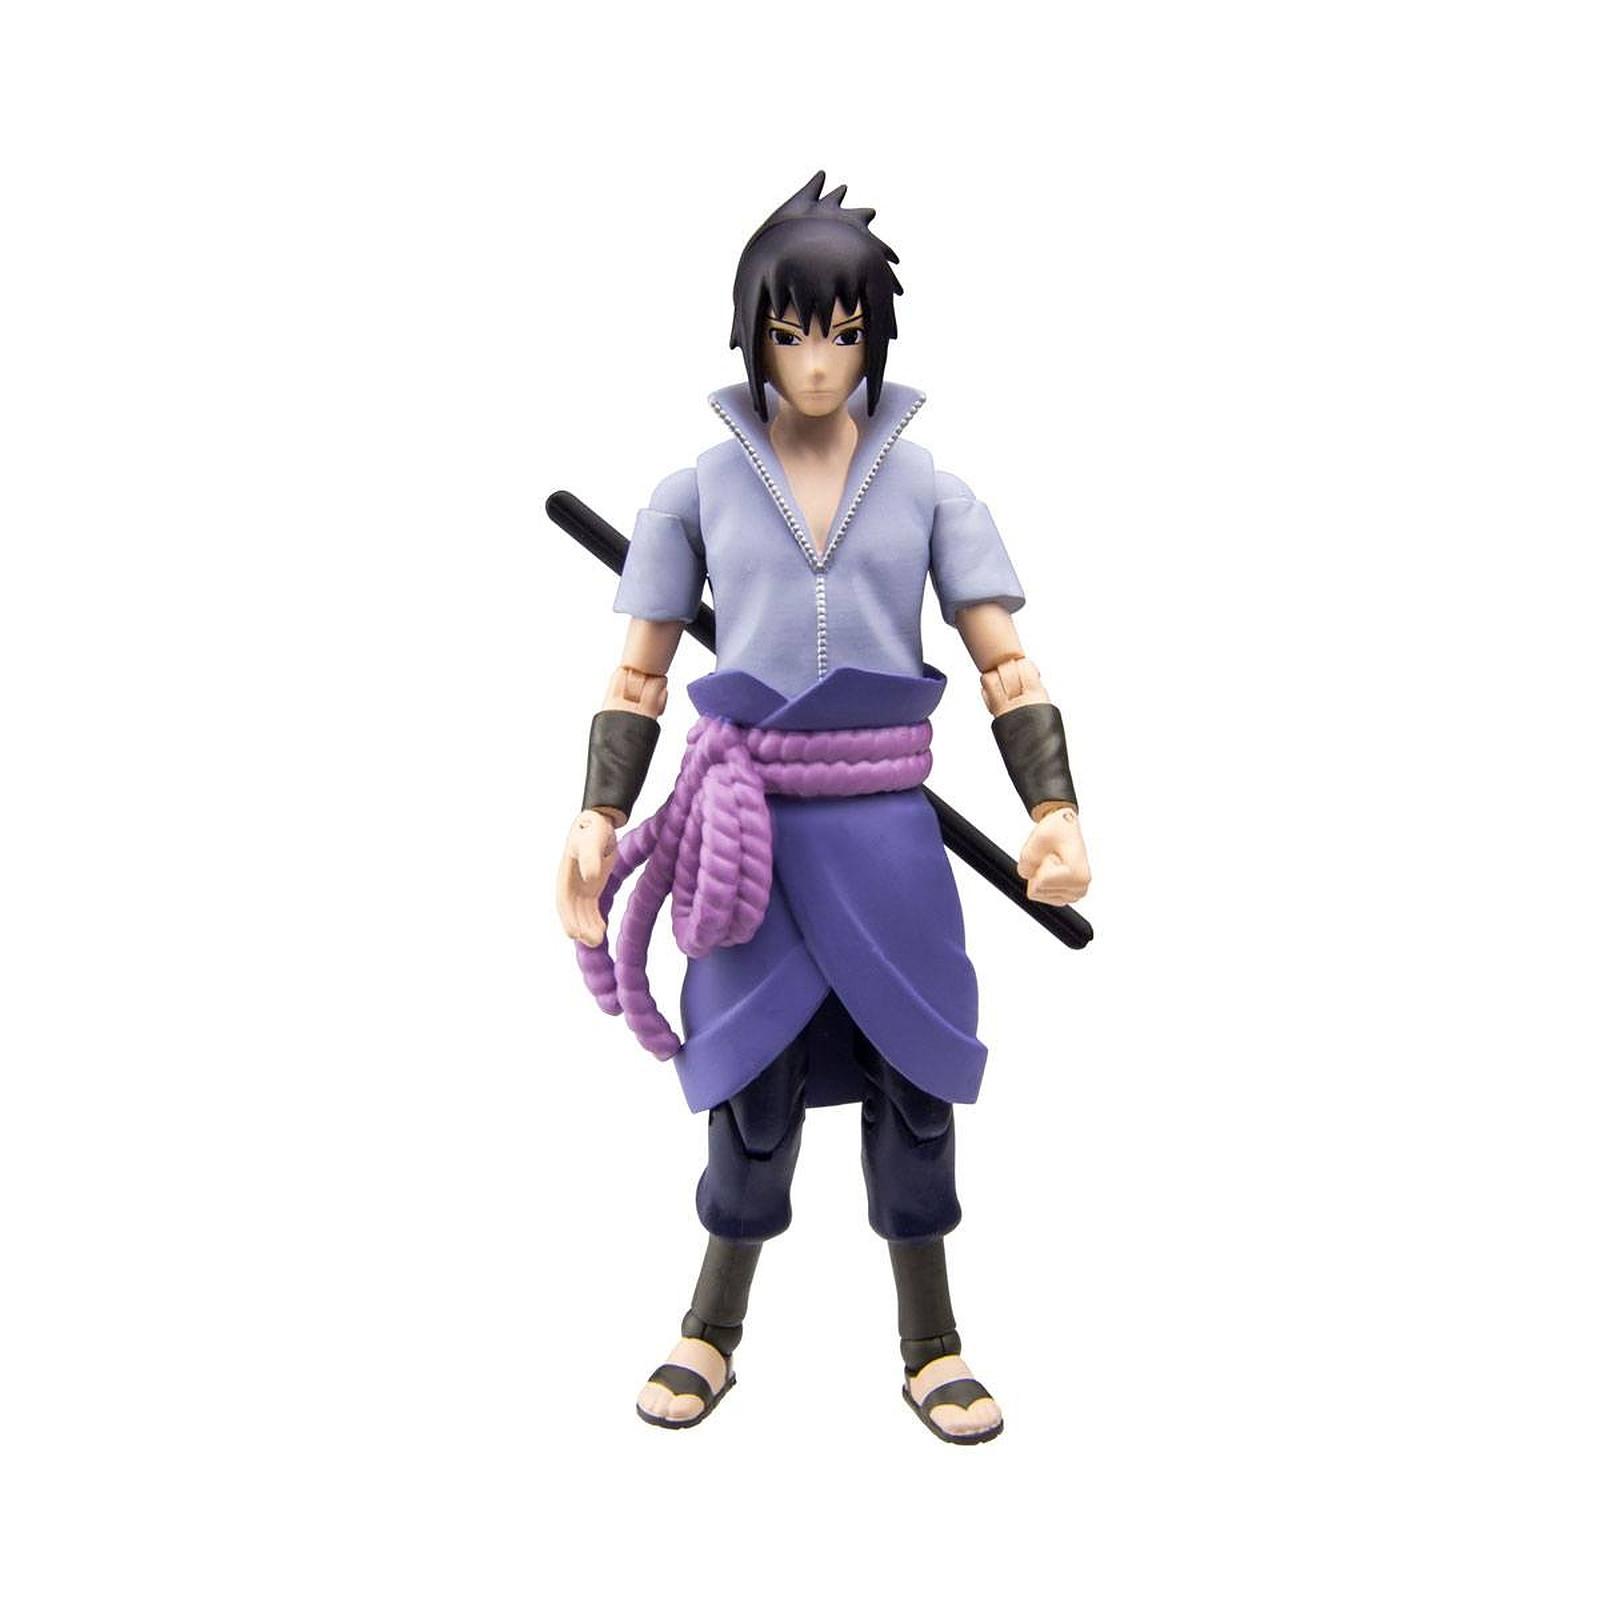 Naruto Shippuden - Figurine Sasuke 10 cm